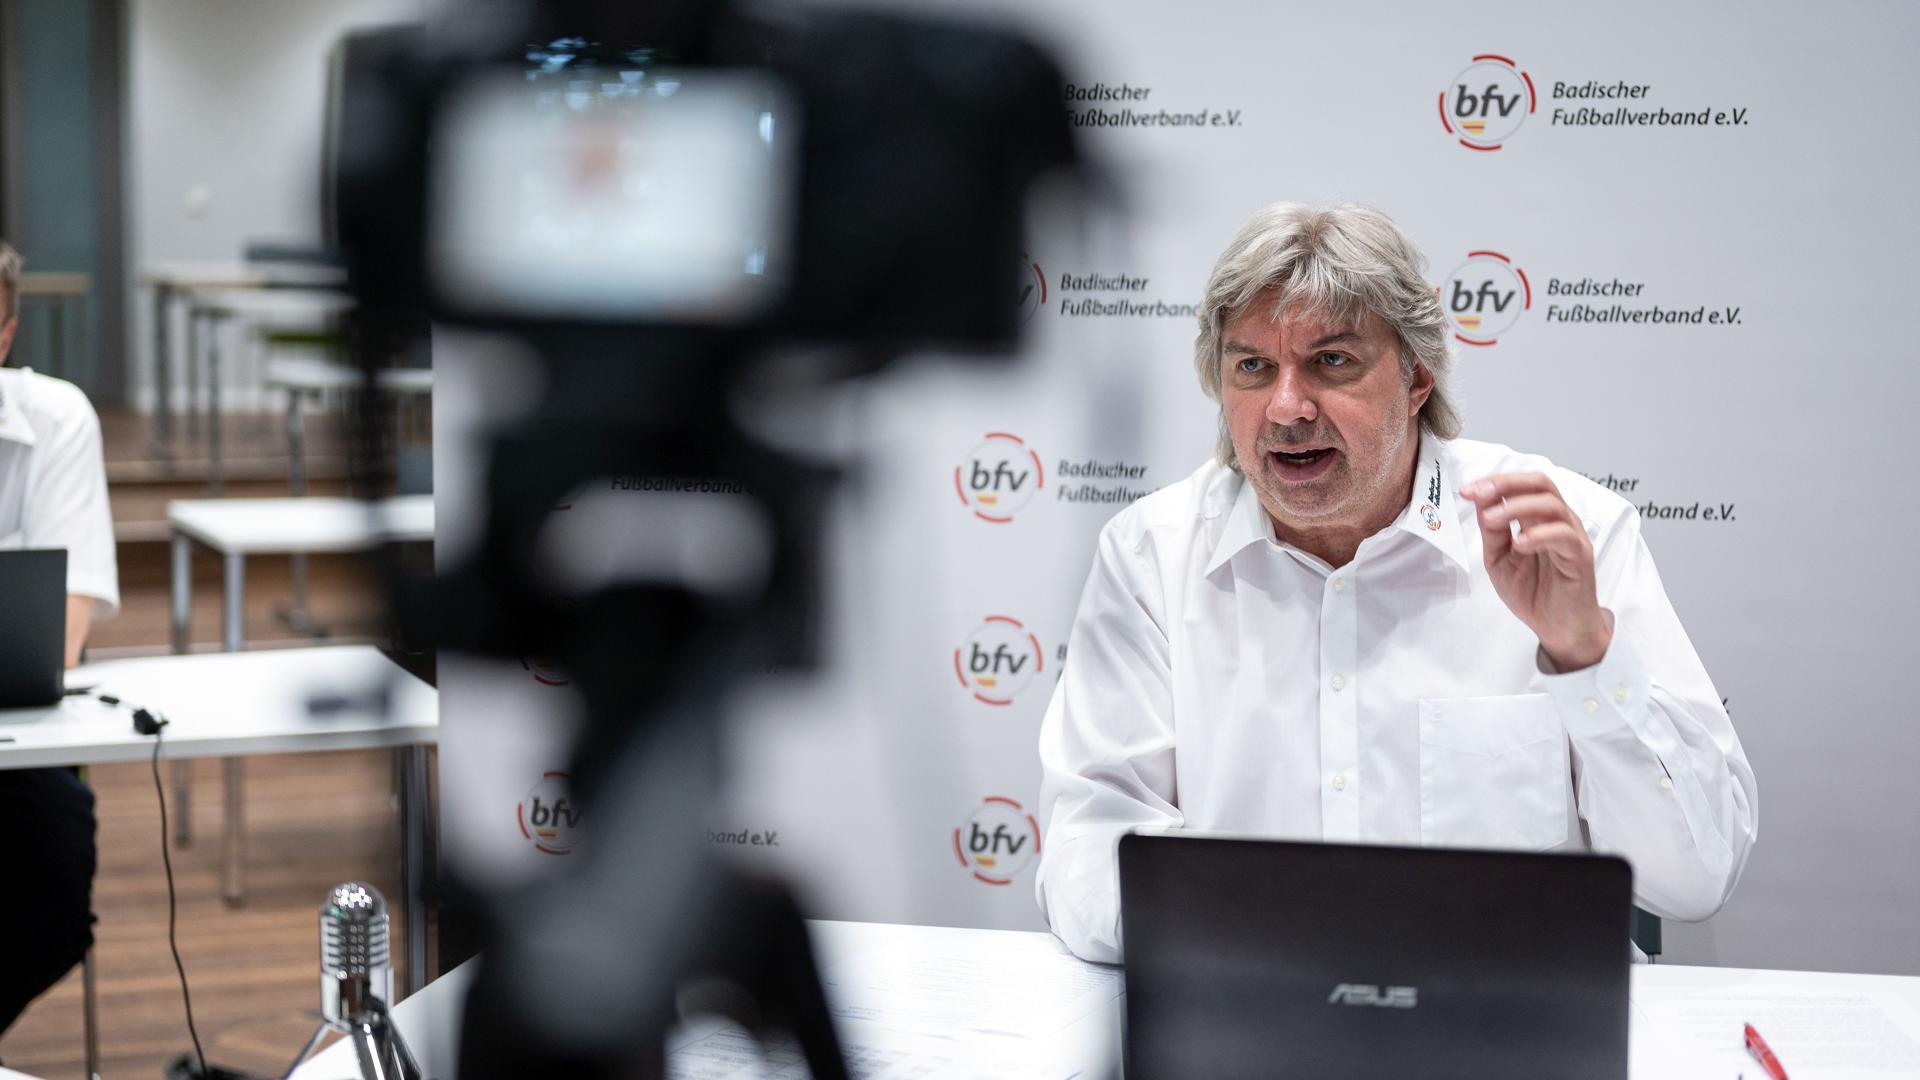 Ronny Zimmermann (Präsident Badischer Fussballverband) am Laptop. GES/ Fussball/ Virtueller Verbandstag Badischer Fussballverband, 20.06.2020